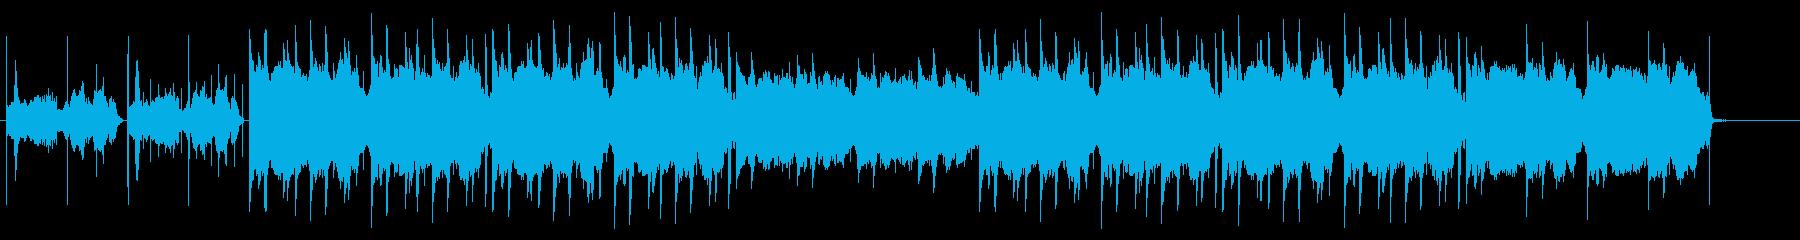 尺八と琴がメインの幻想的なhiphopの再生済みの波形